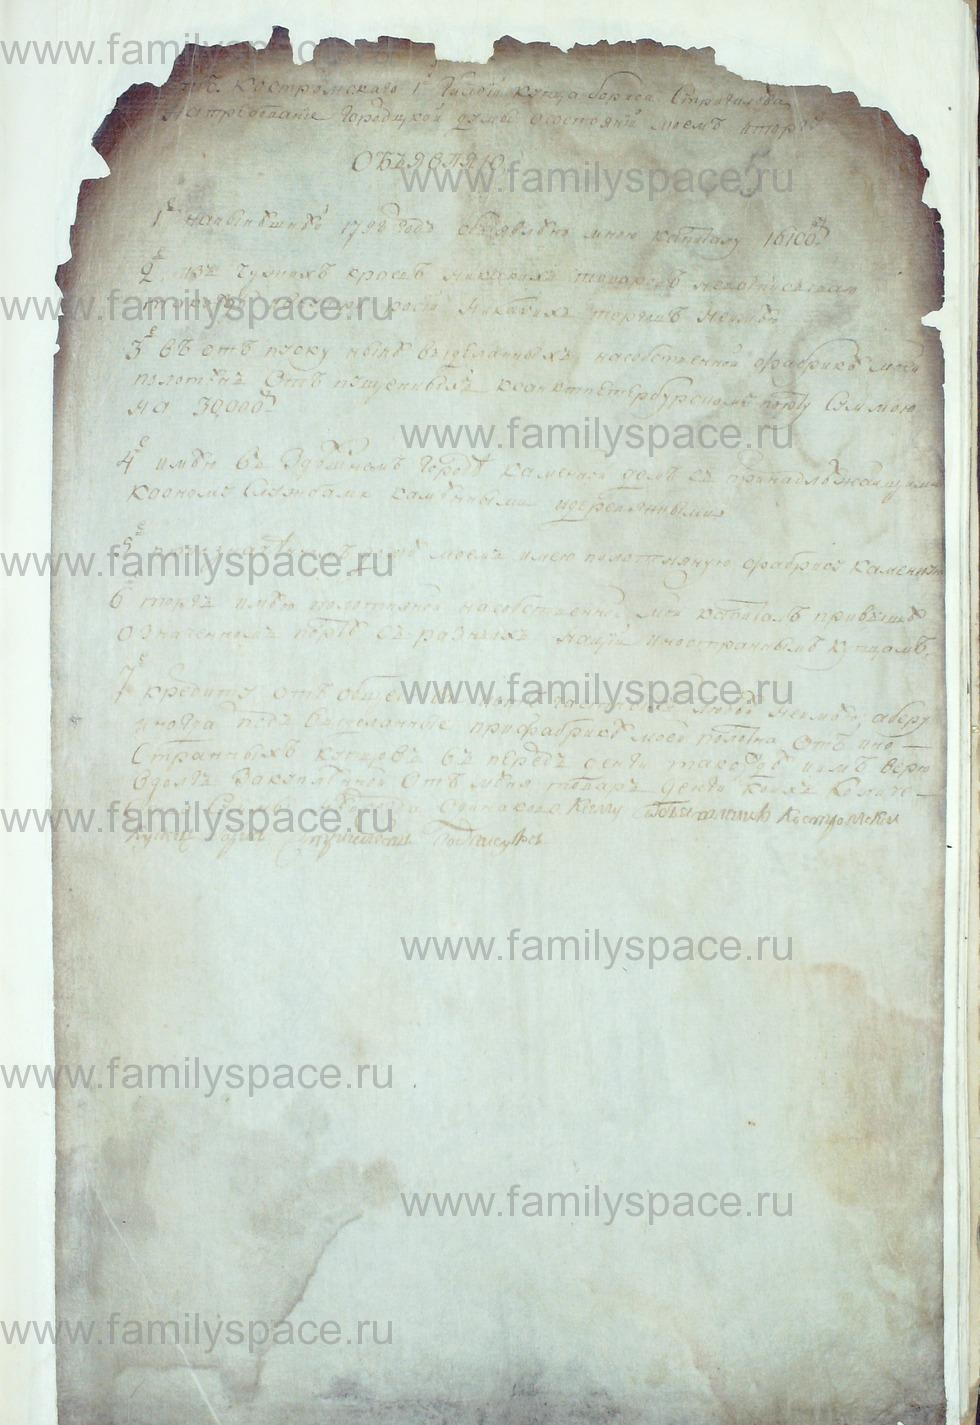 Поиск по фамилии - Сведения о купцах г. Кострома и их капиталах, страница 5